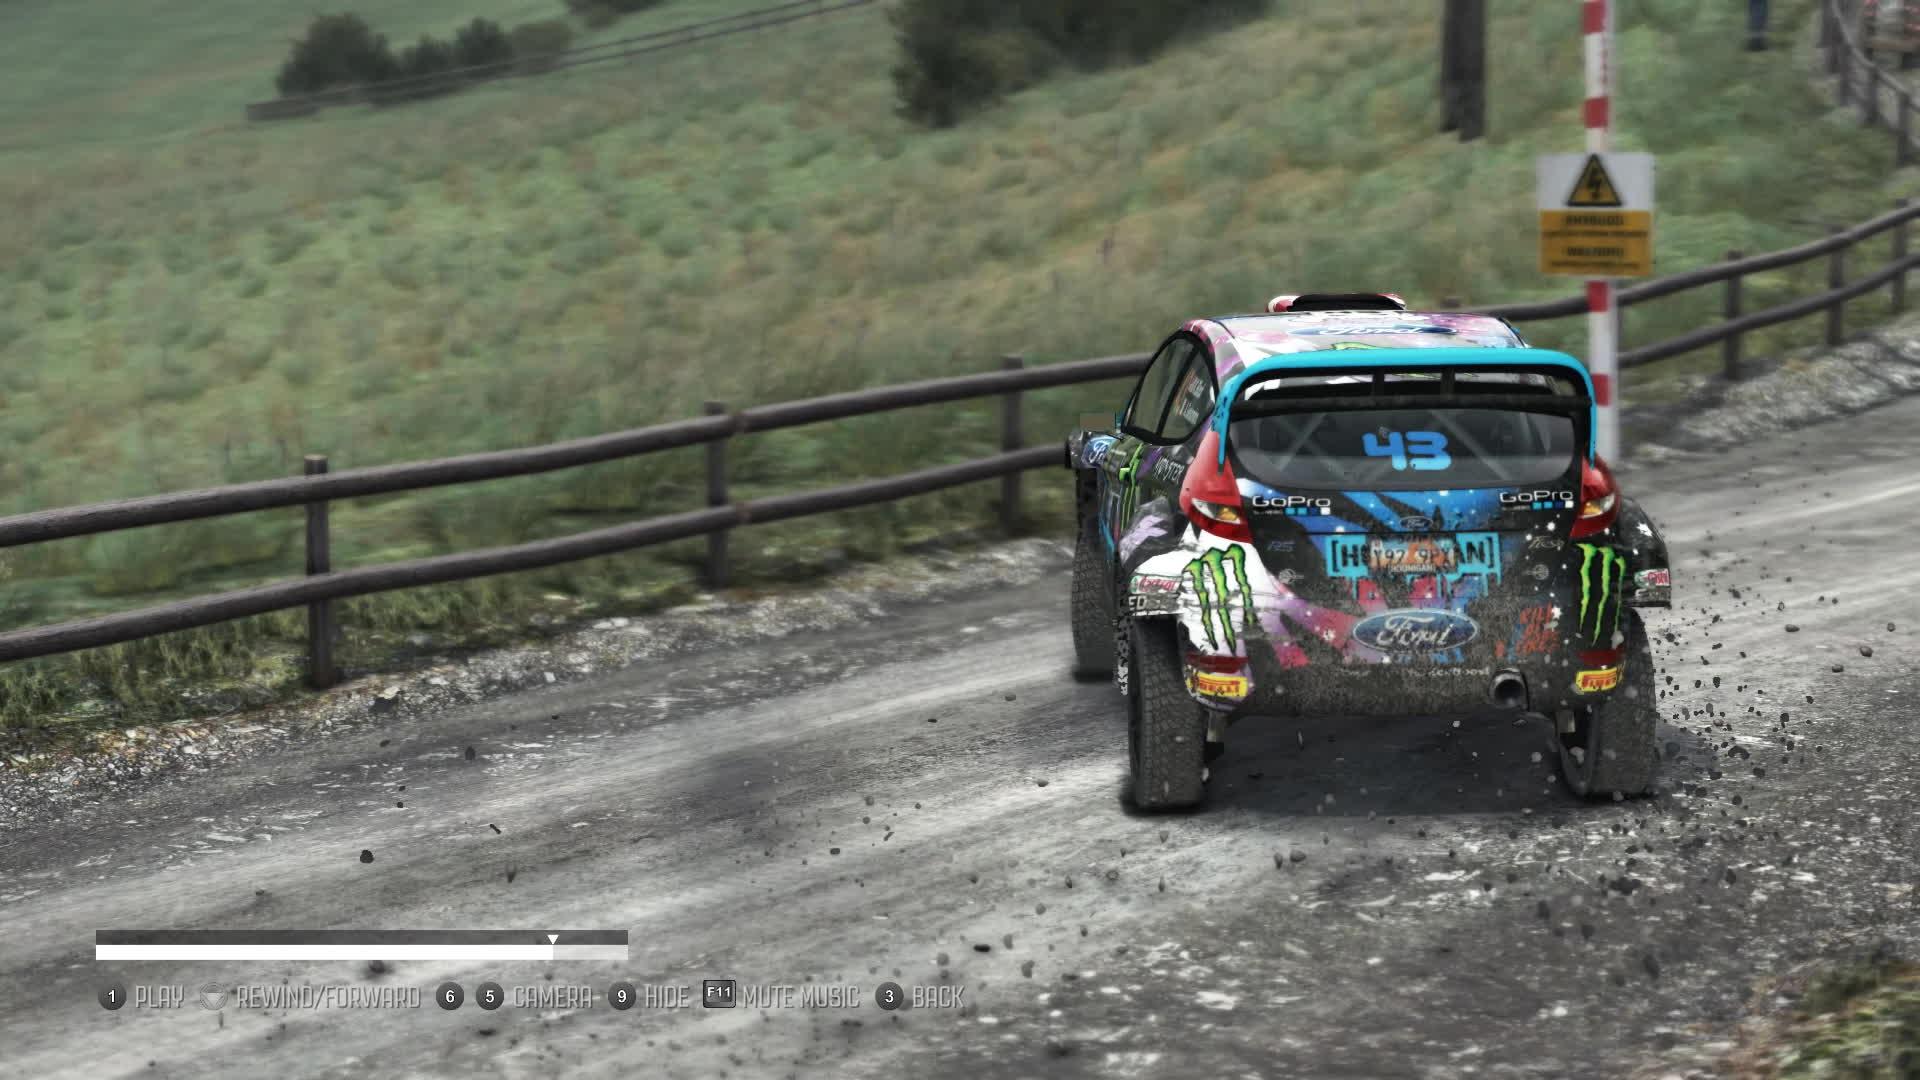 dirt rally, dirtgame, rally, I enjoy slow-mo GIFs